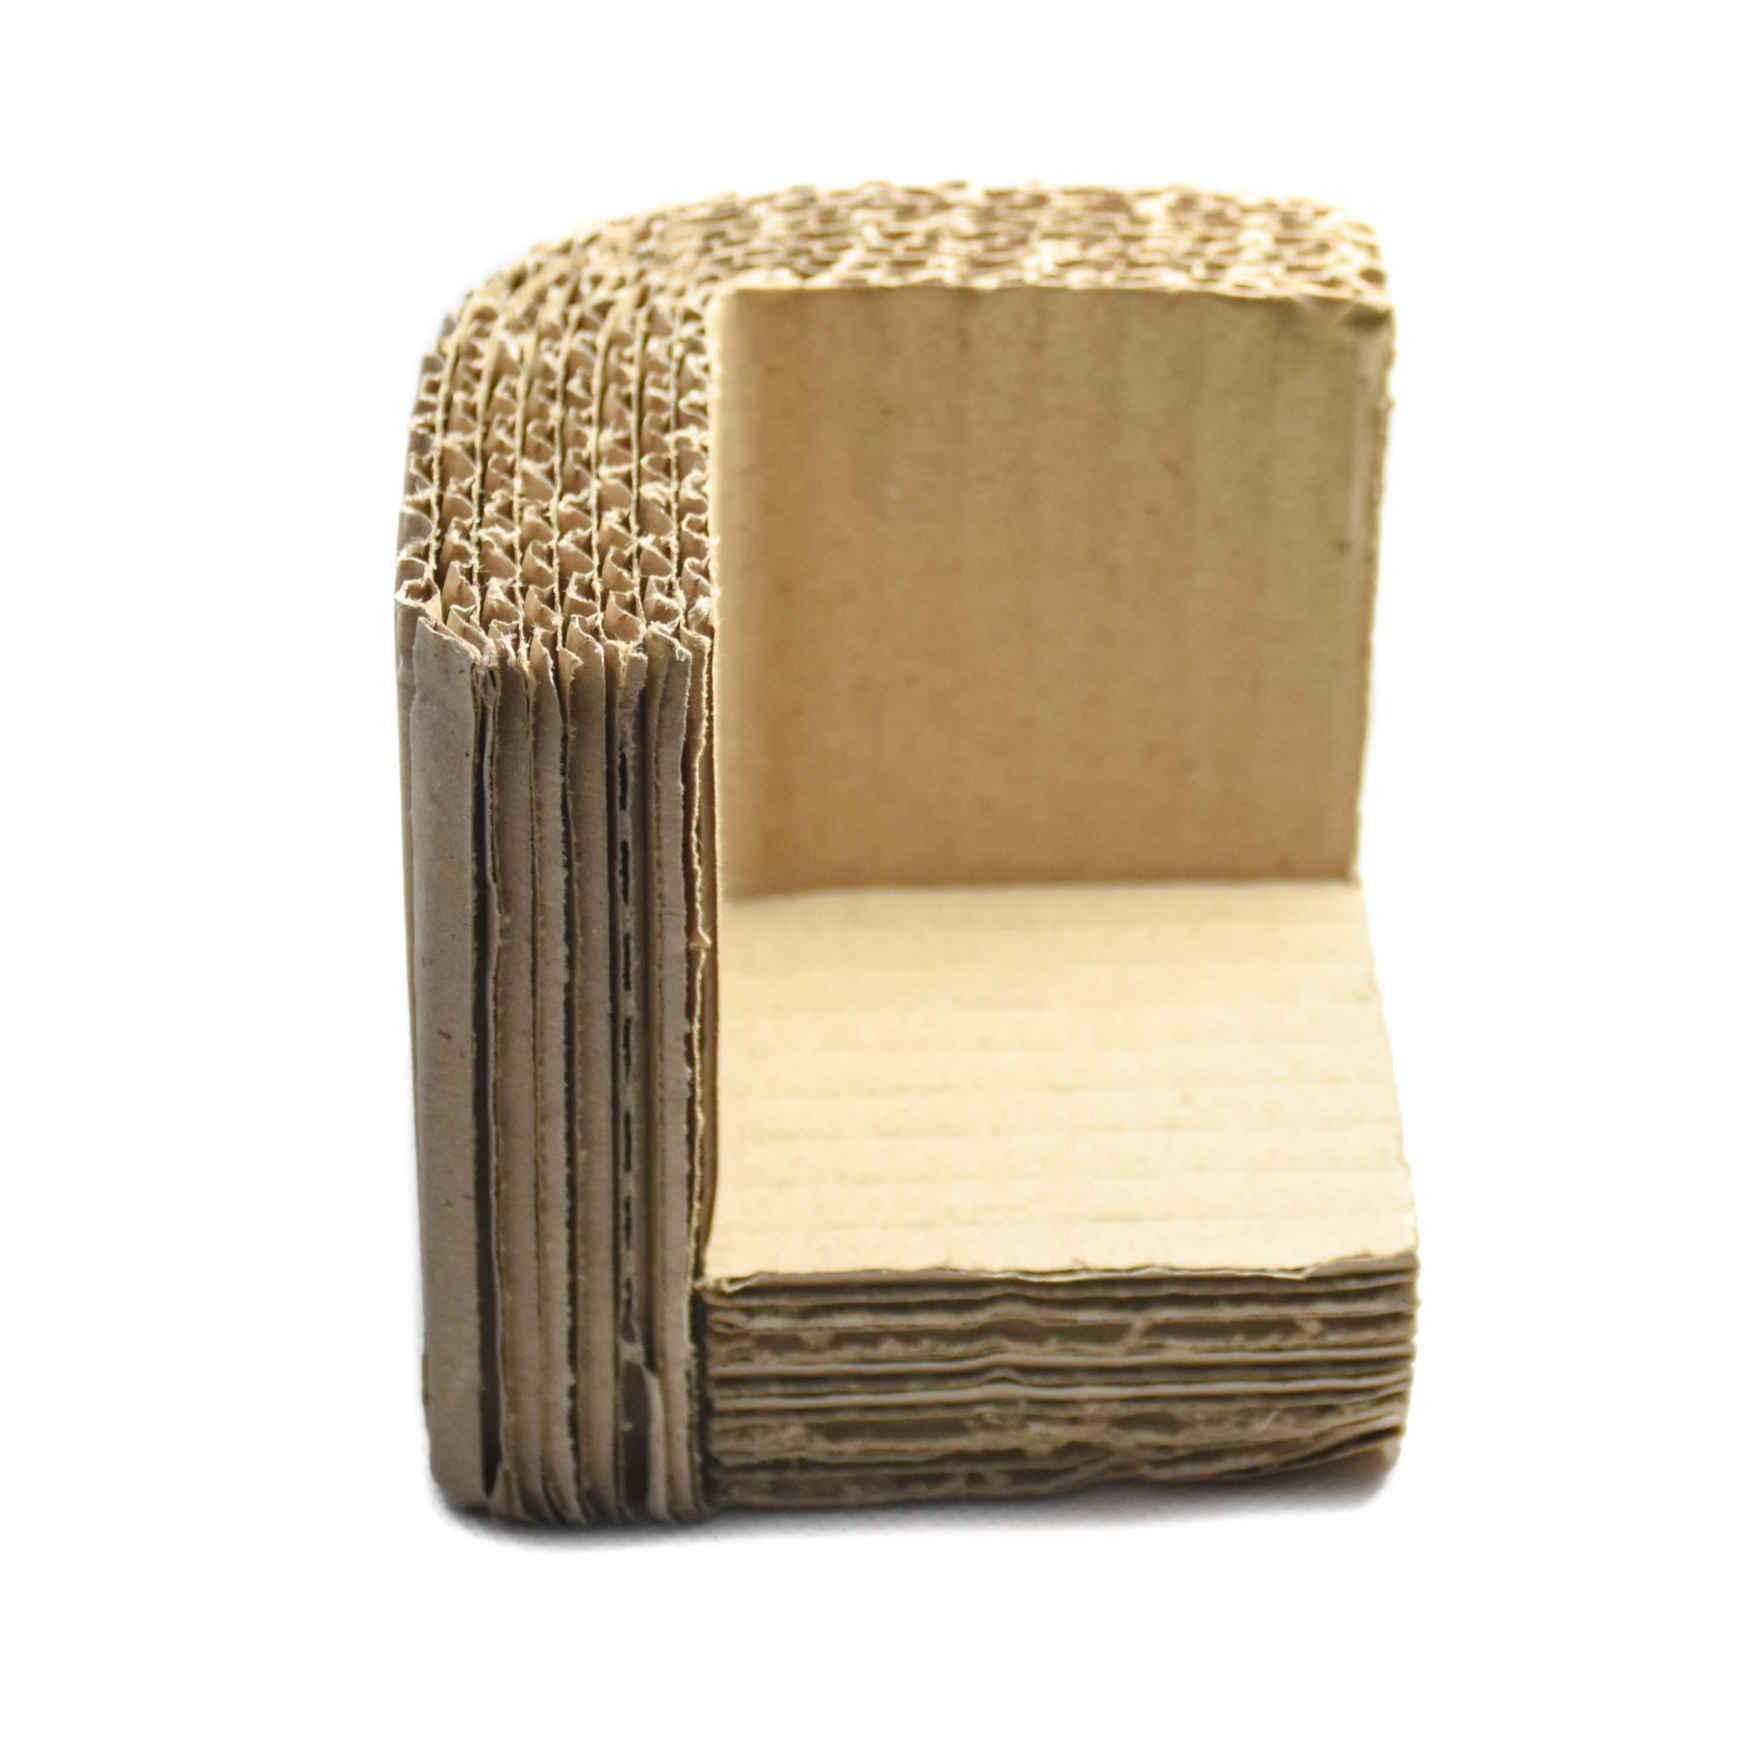 polsterecke aus wellpappe kanten und eckenschutz combra. Black Bedroom Furniture Sets. Home Design Ideas